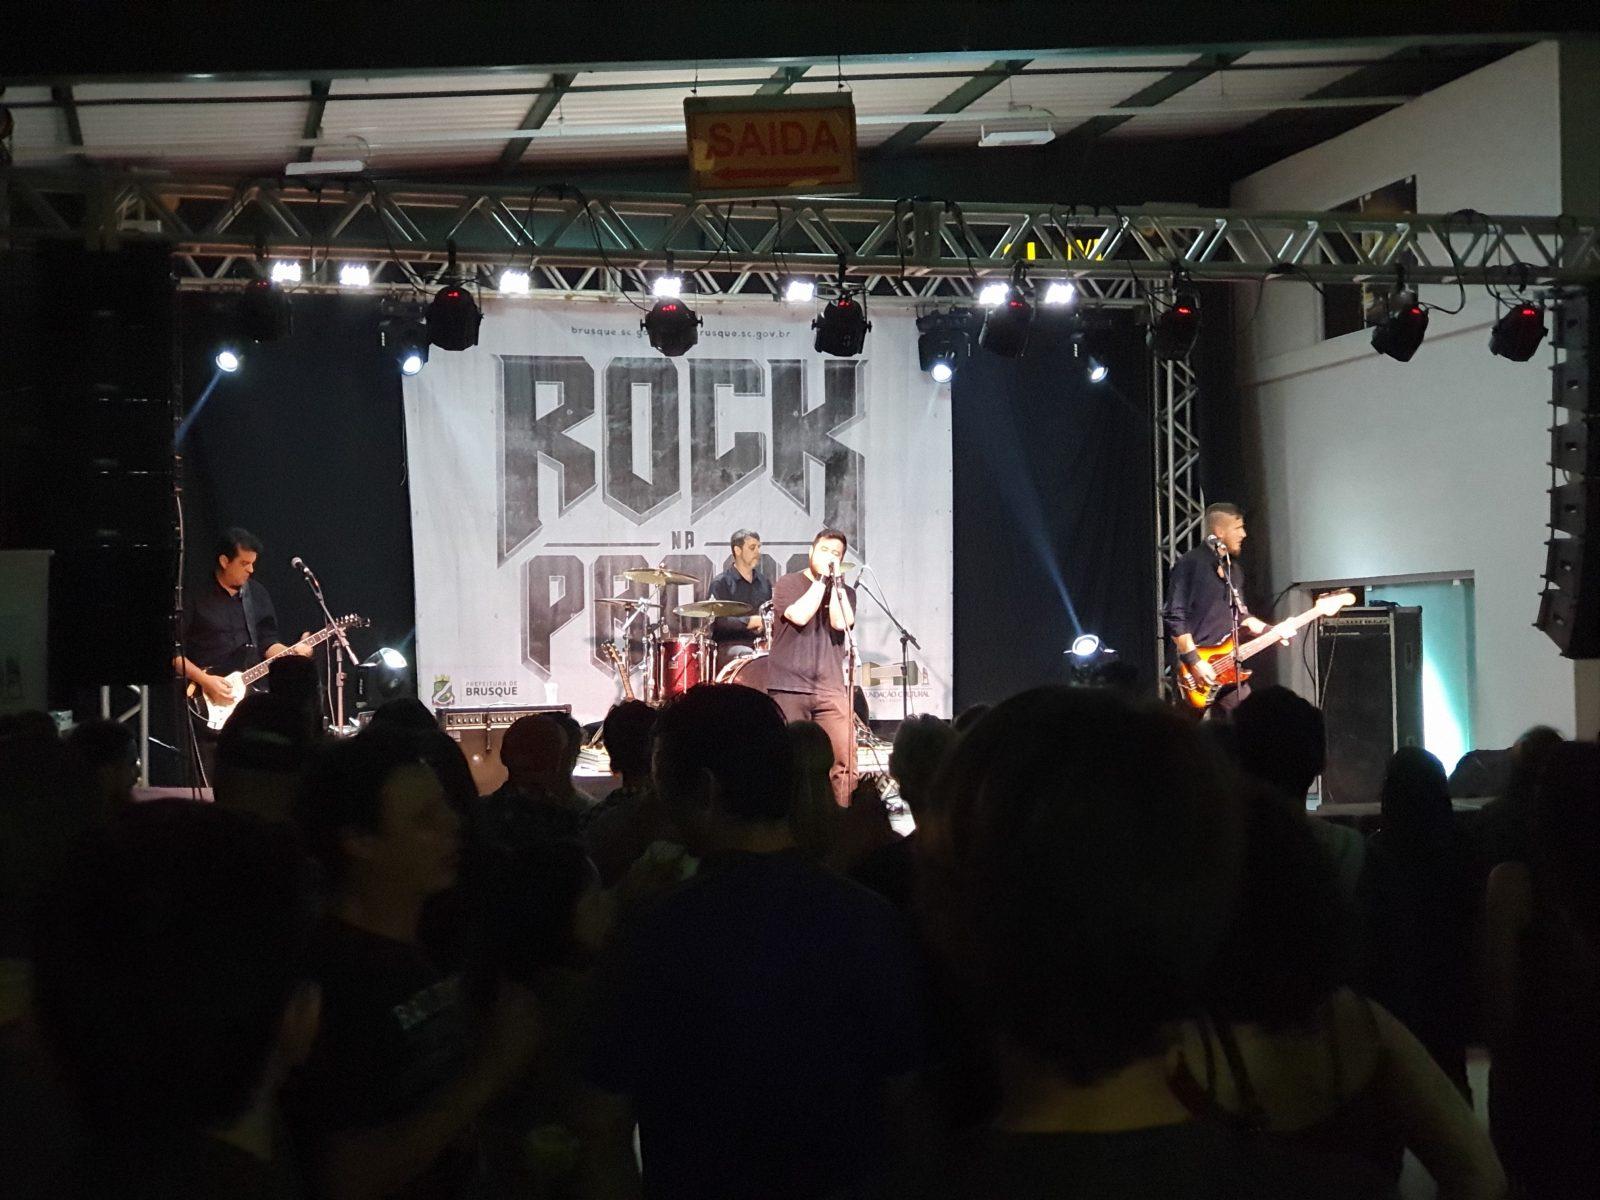 Rock na Praça 2019 é sucesso de público e presença de bandas consagradas no cenário regional e catarinense